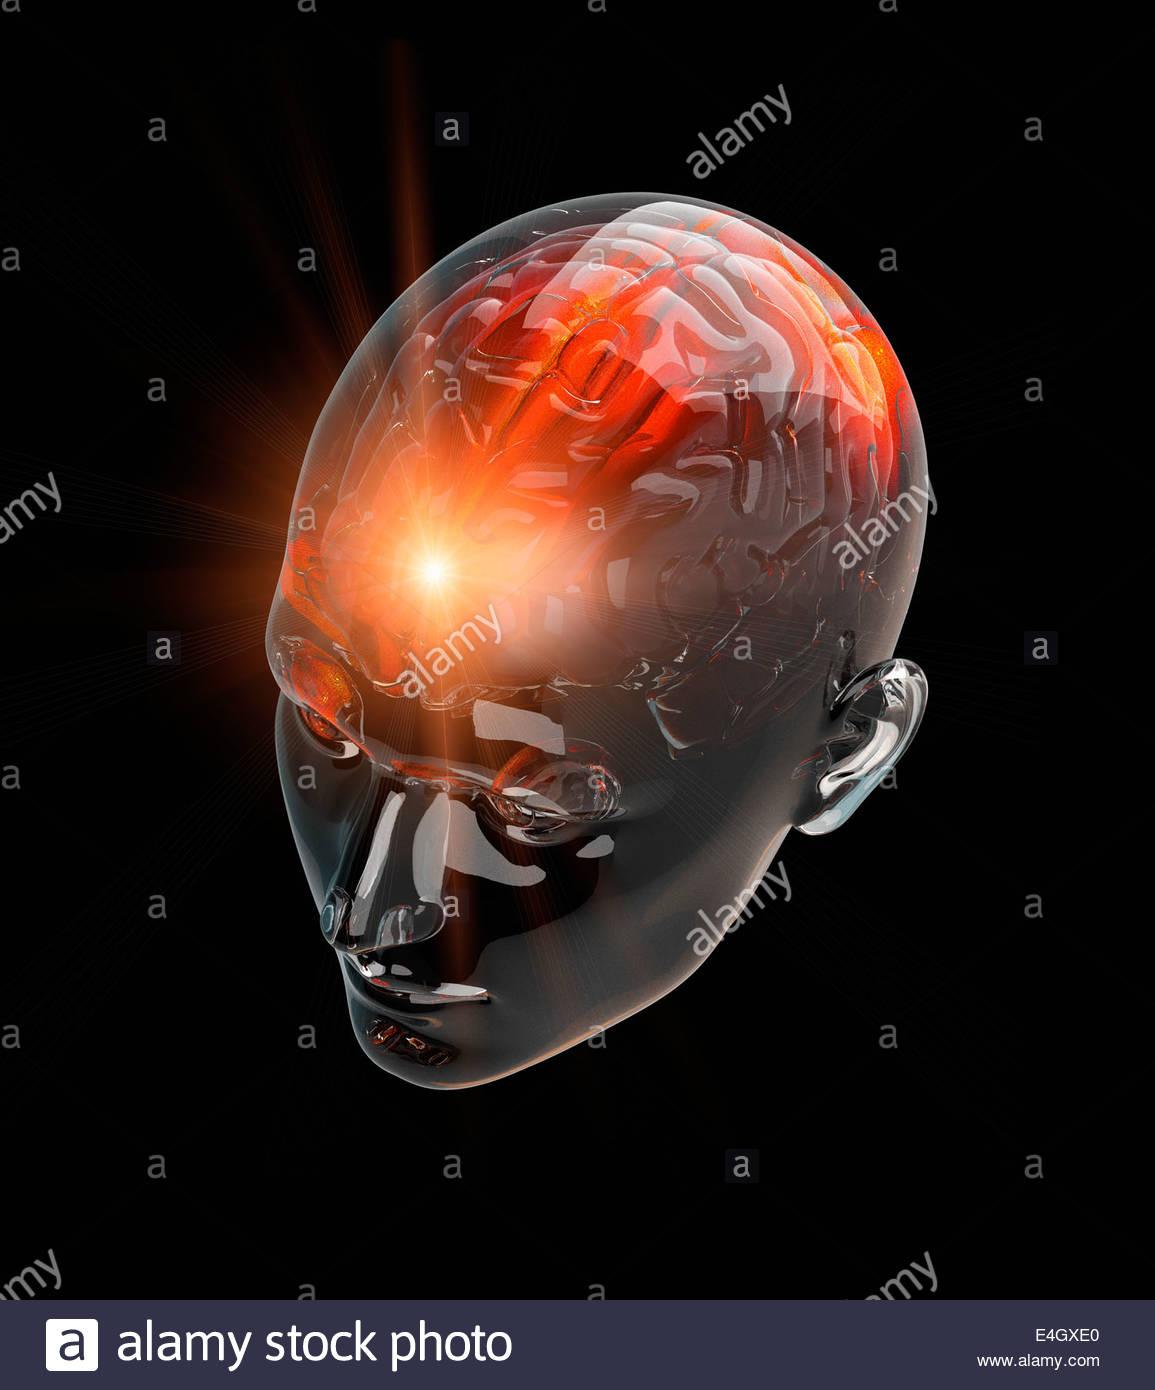 Beleuchtete Aktivität aus roten menschlichen Gehirns in transparenter Kopf Stockfoto